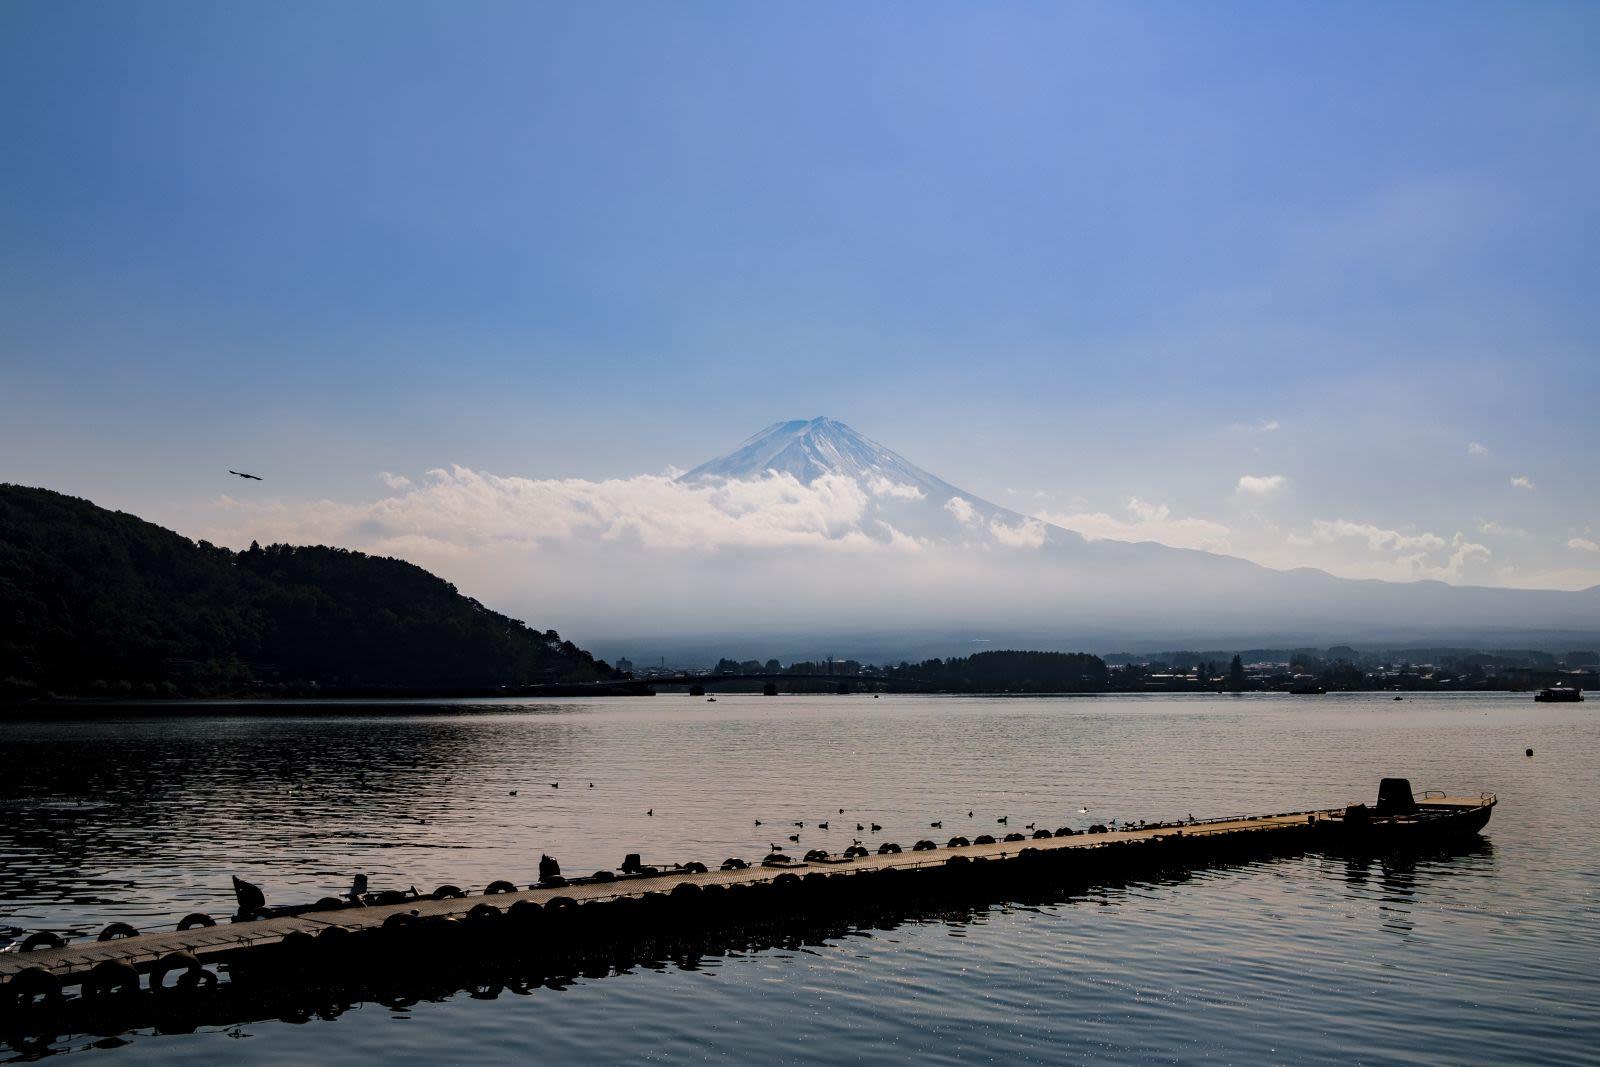 Mt Fuji.